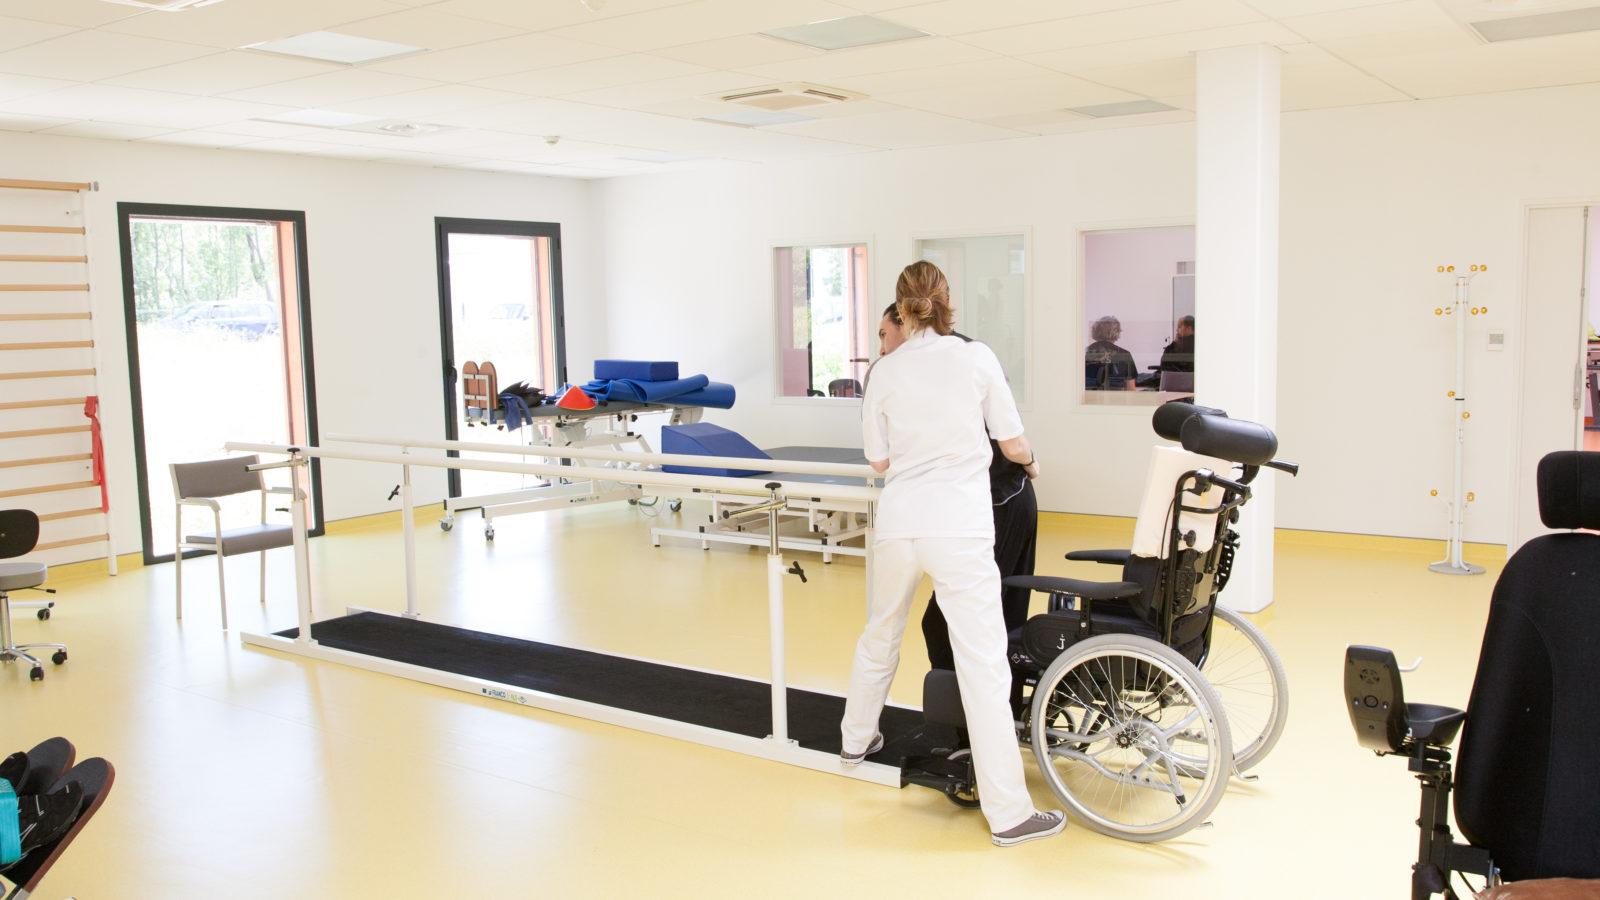 Photographie d'une séance de rééducation, une thérapeute aide un patient à se lever de son fauteuil